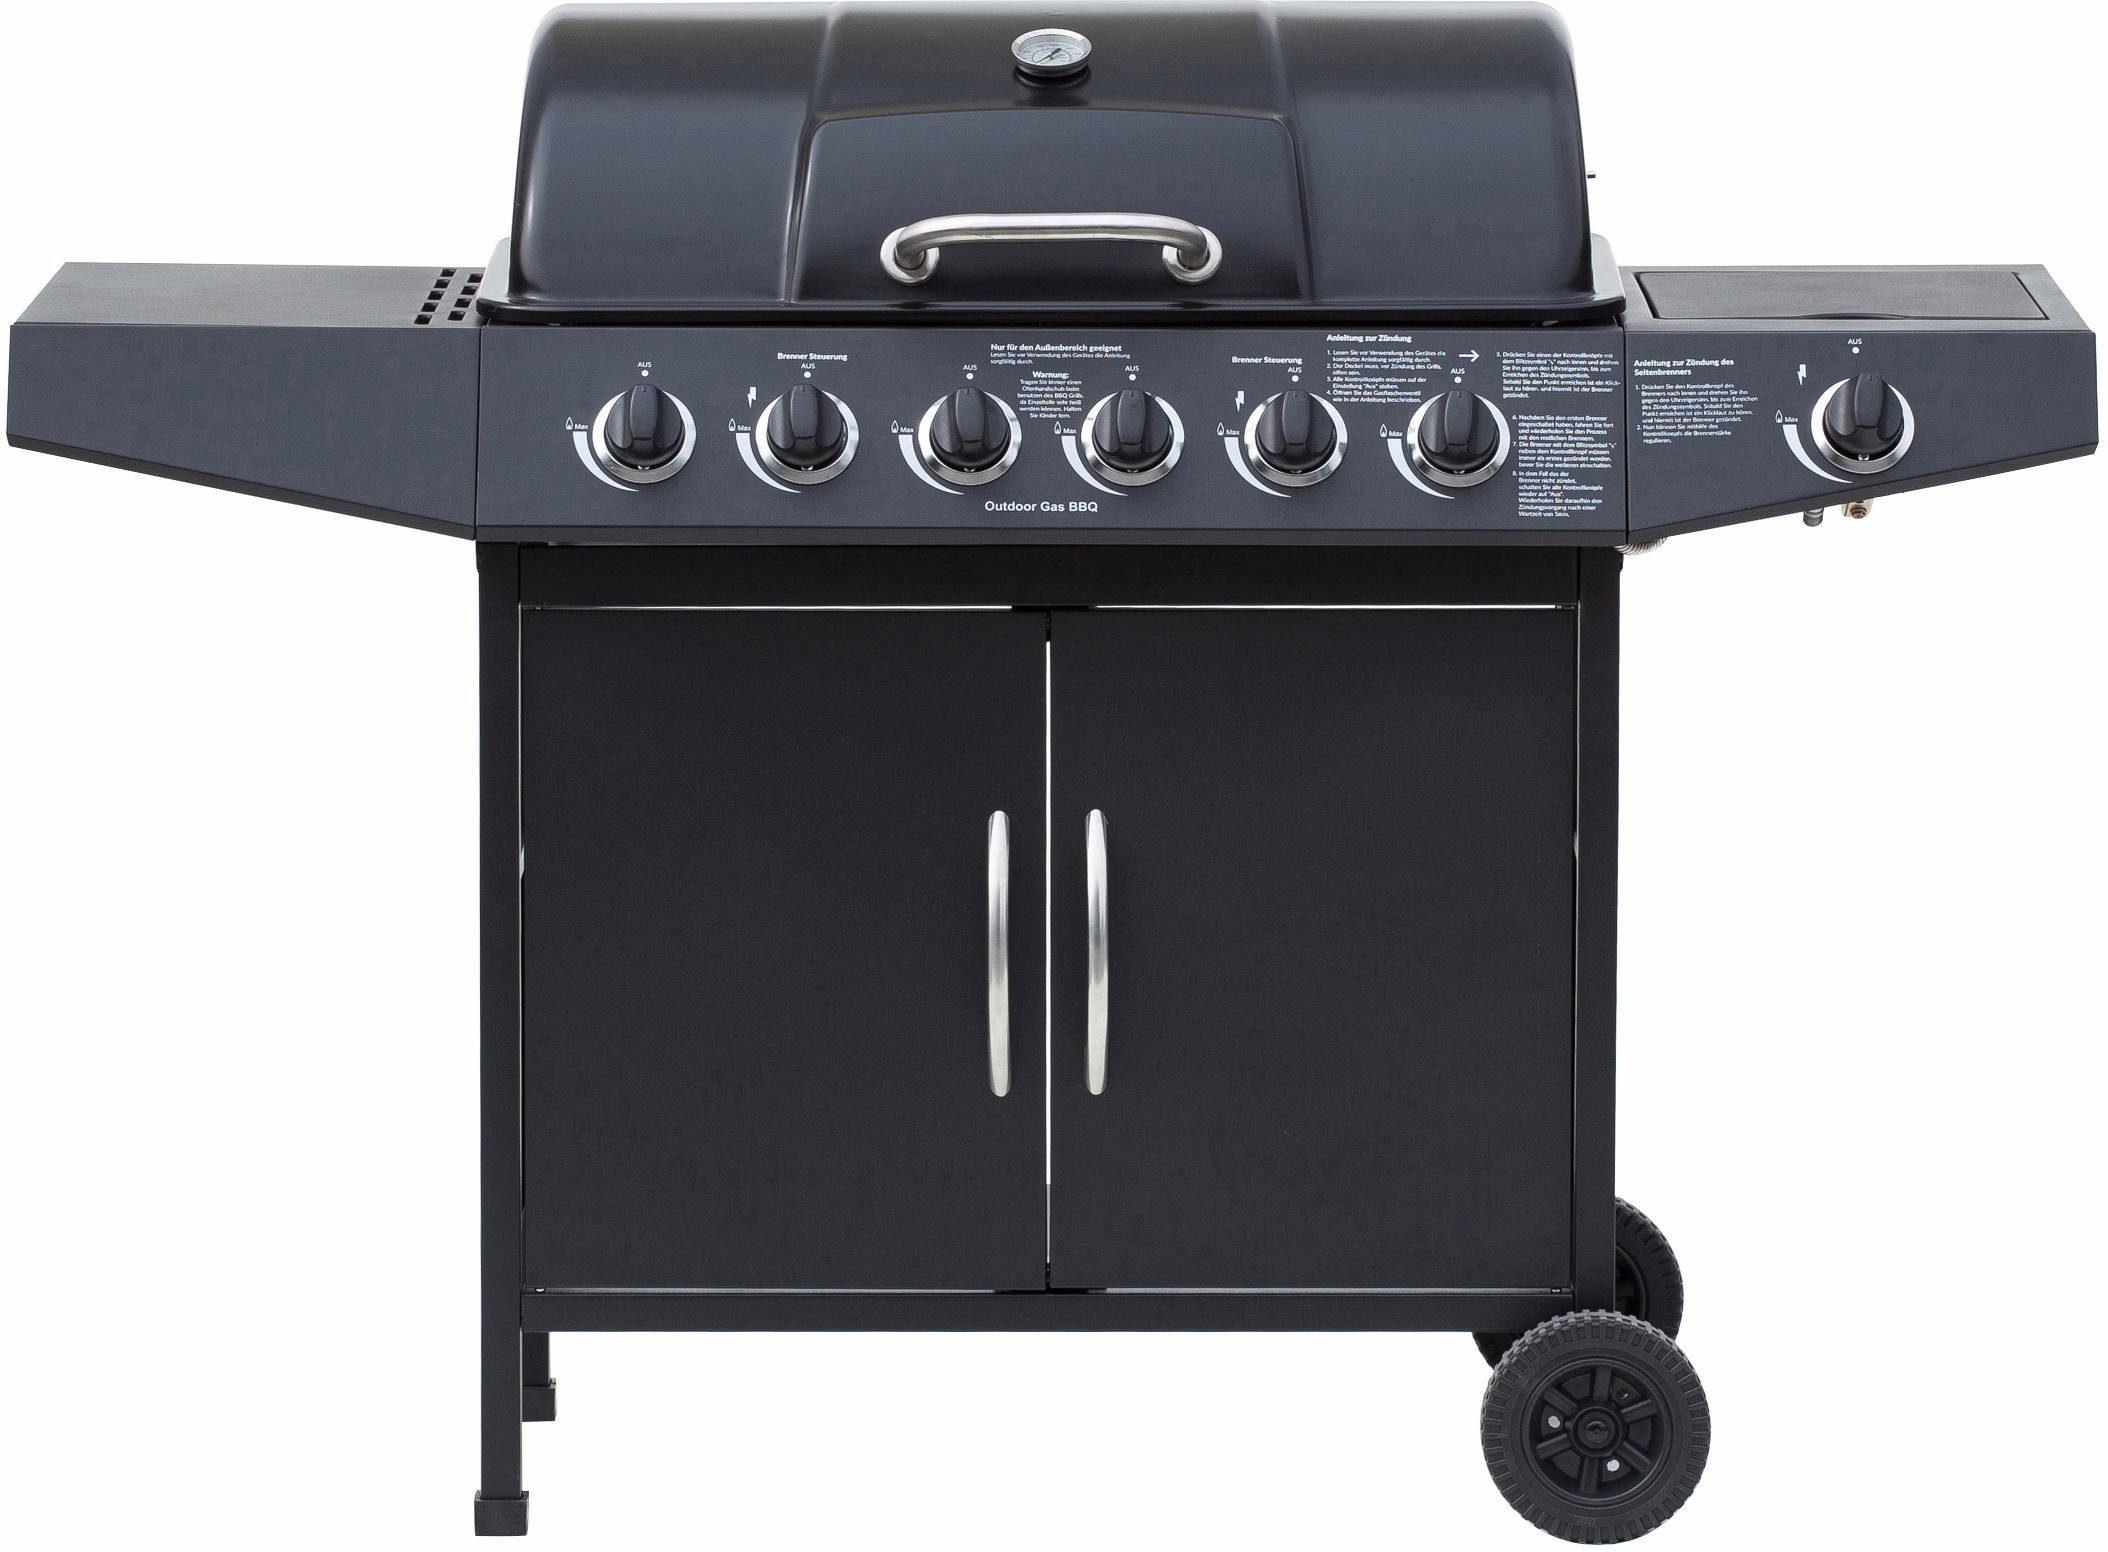 Rösle Gasgrill Gourmet G3 Preis : El fuego gasgrill brenner dayton« kaufen otto